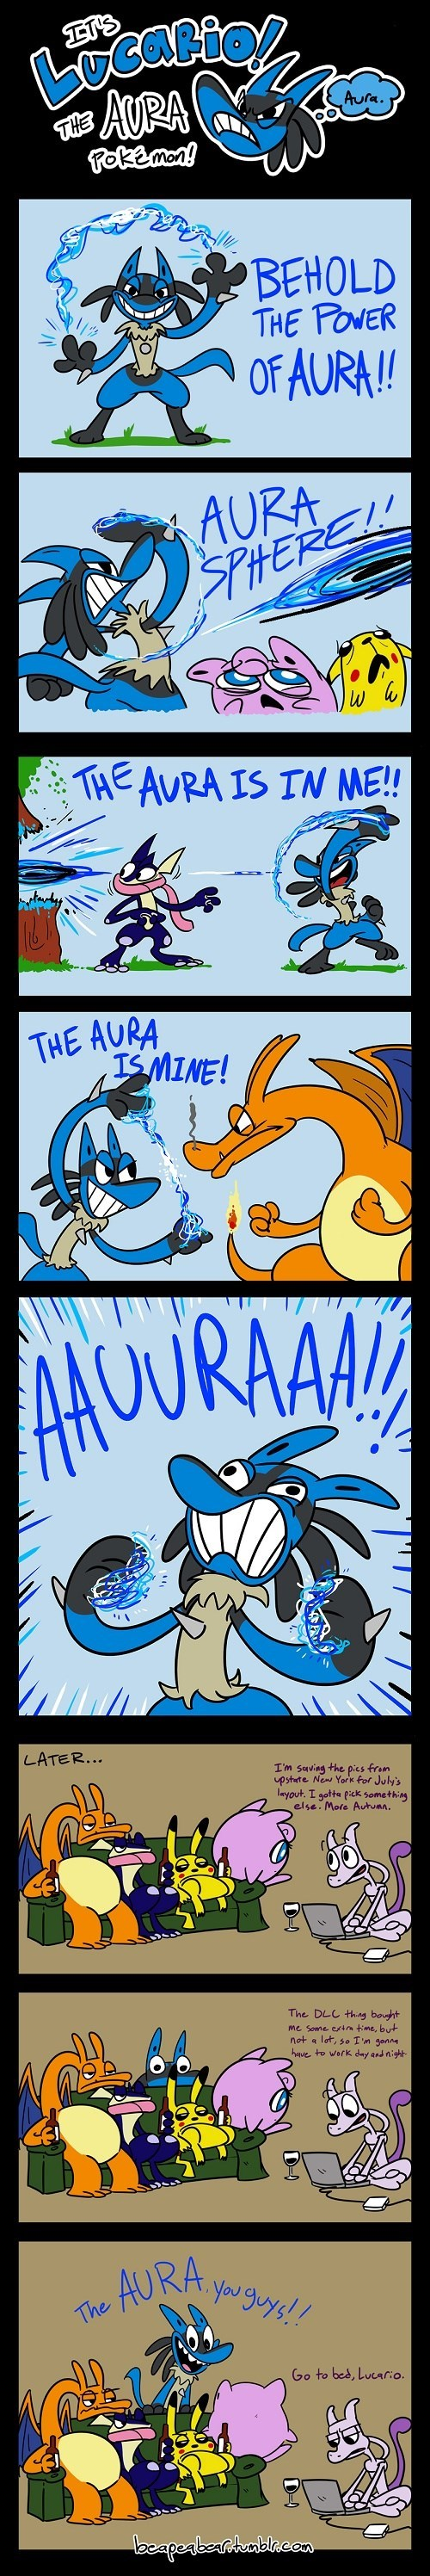 puns Pokémon lucario web comics - 8375451392